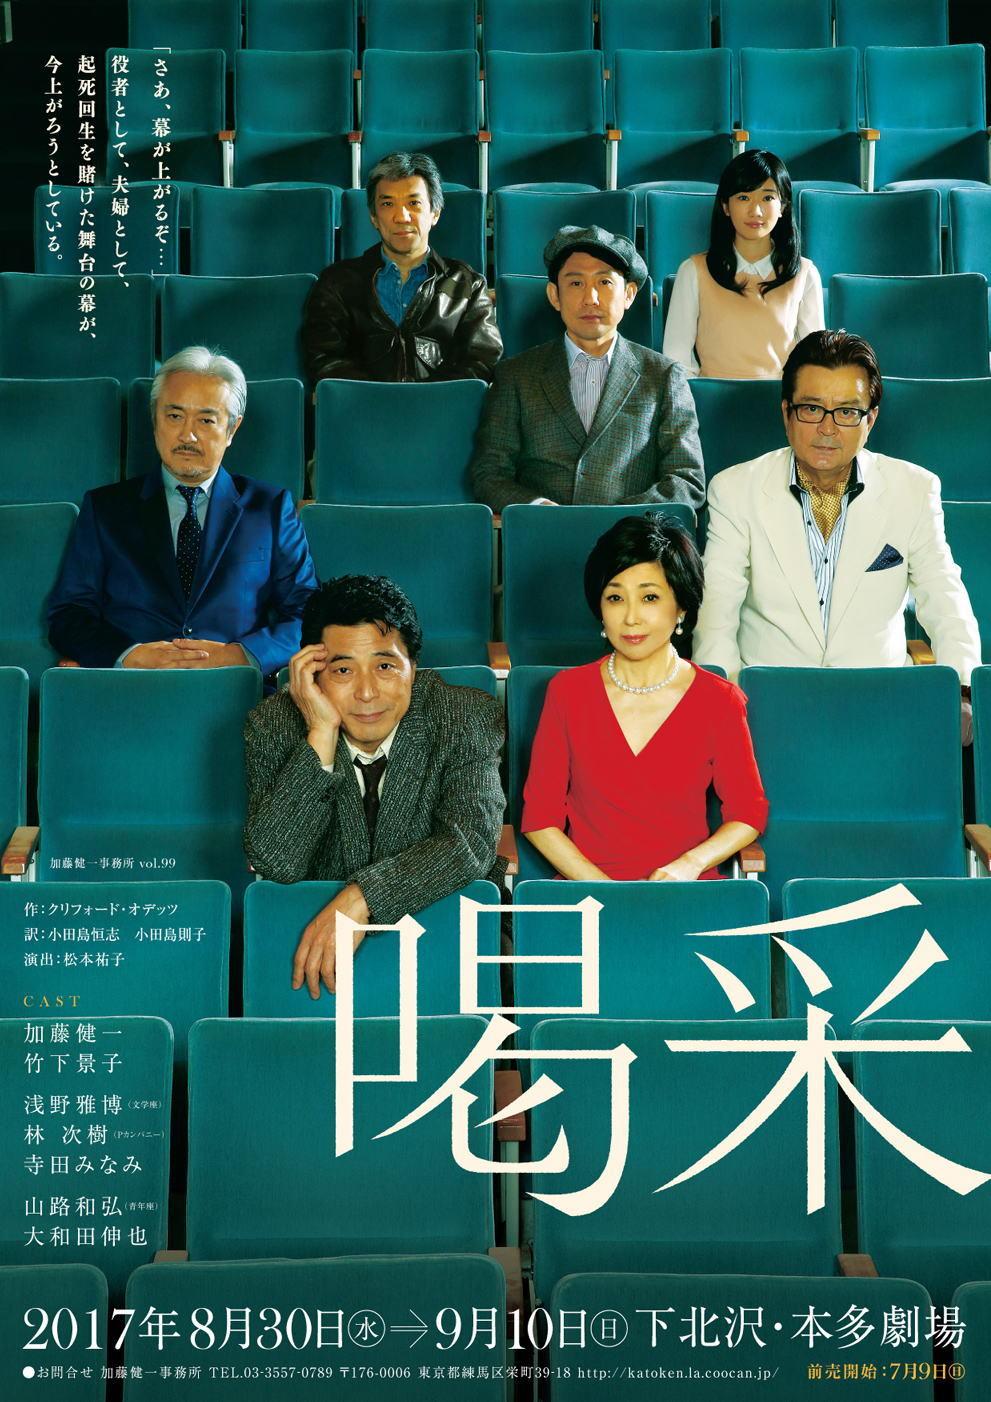 加藤健一事務所公演『喝采』のチラシ。